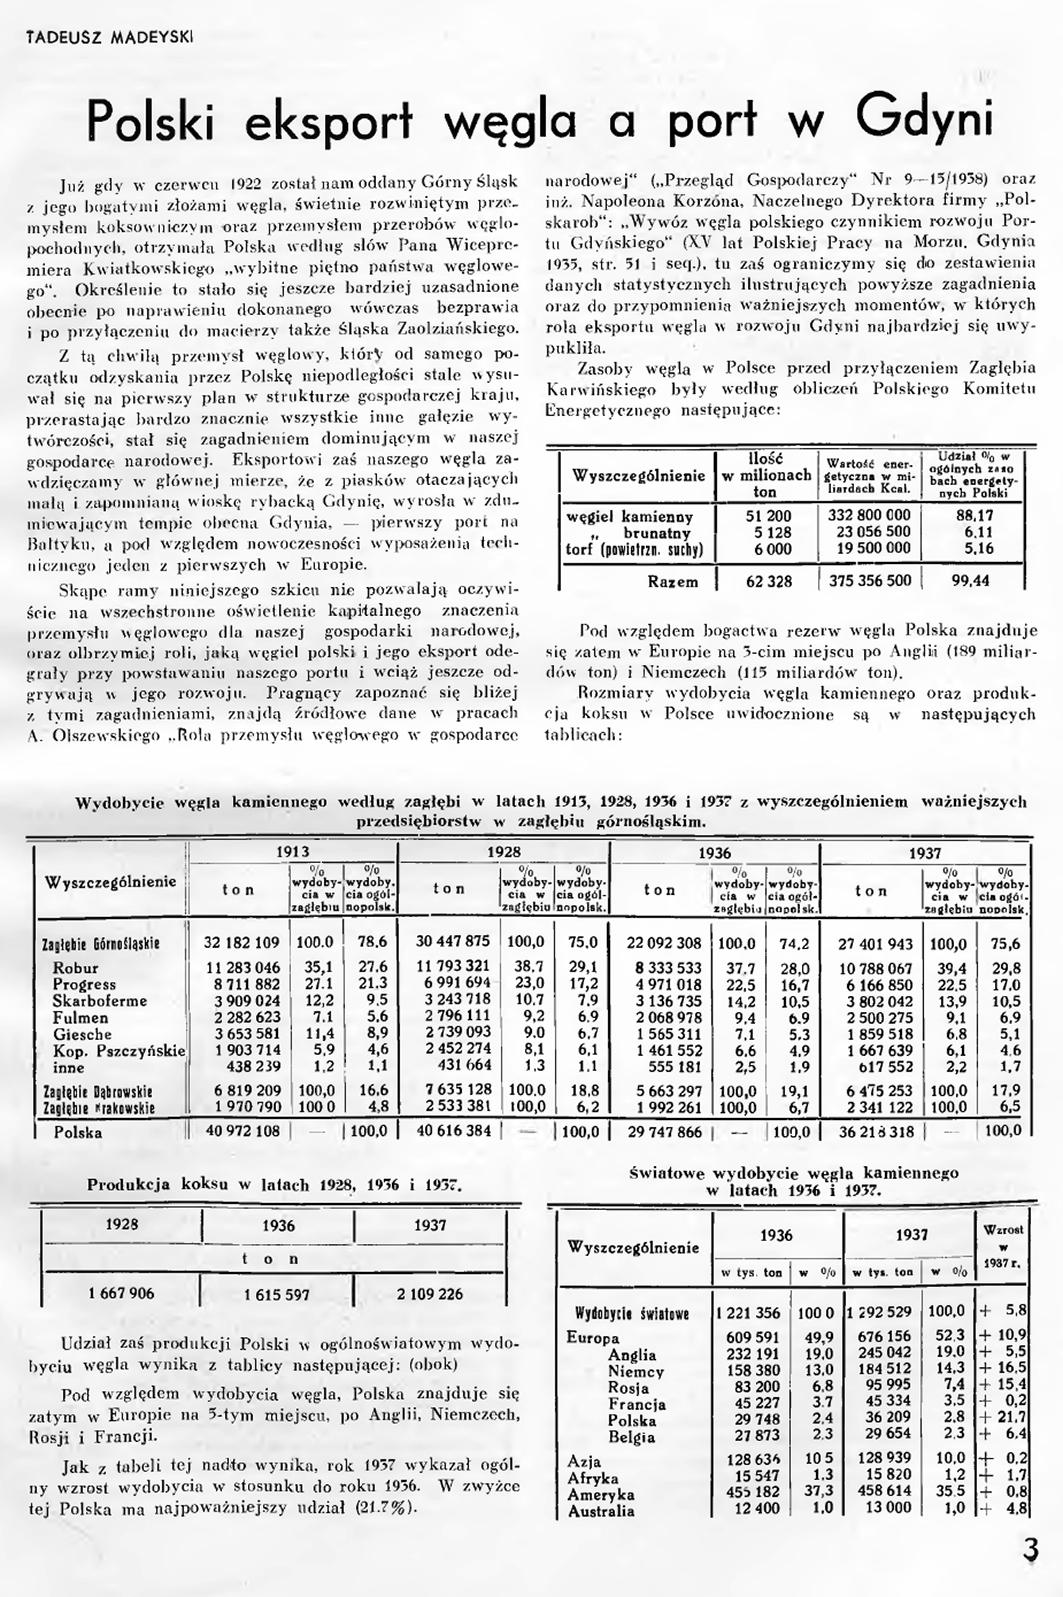 Polski eksport węgla a port w Gdynia